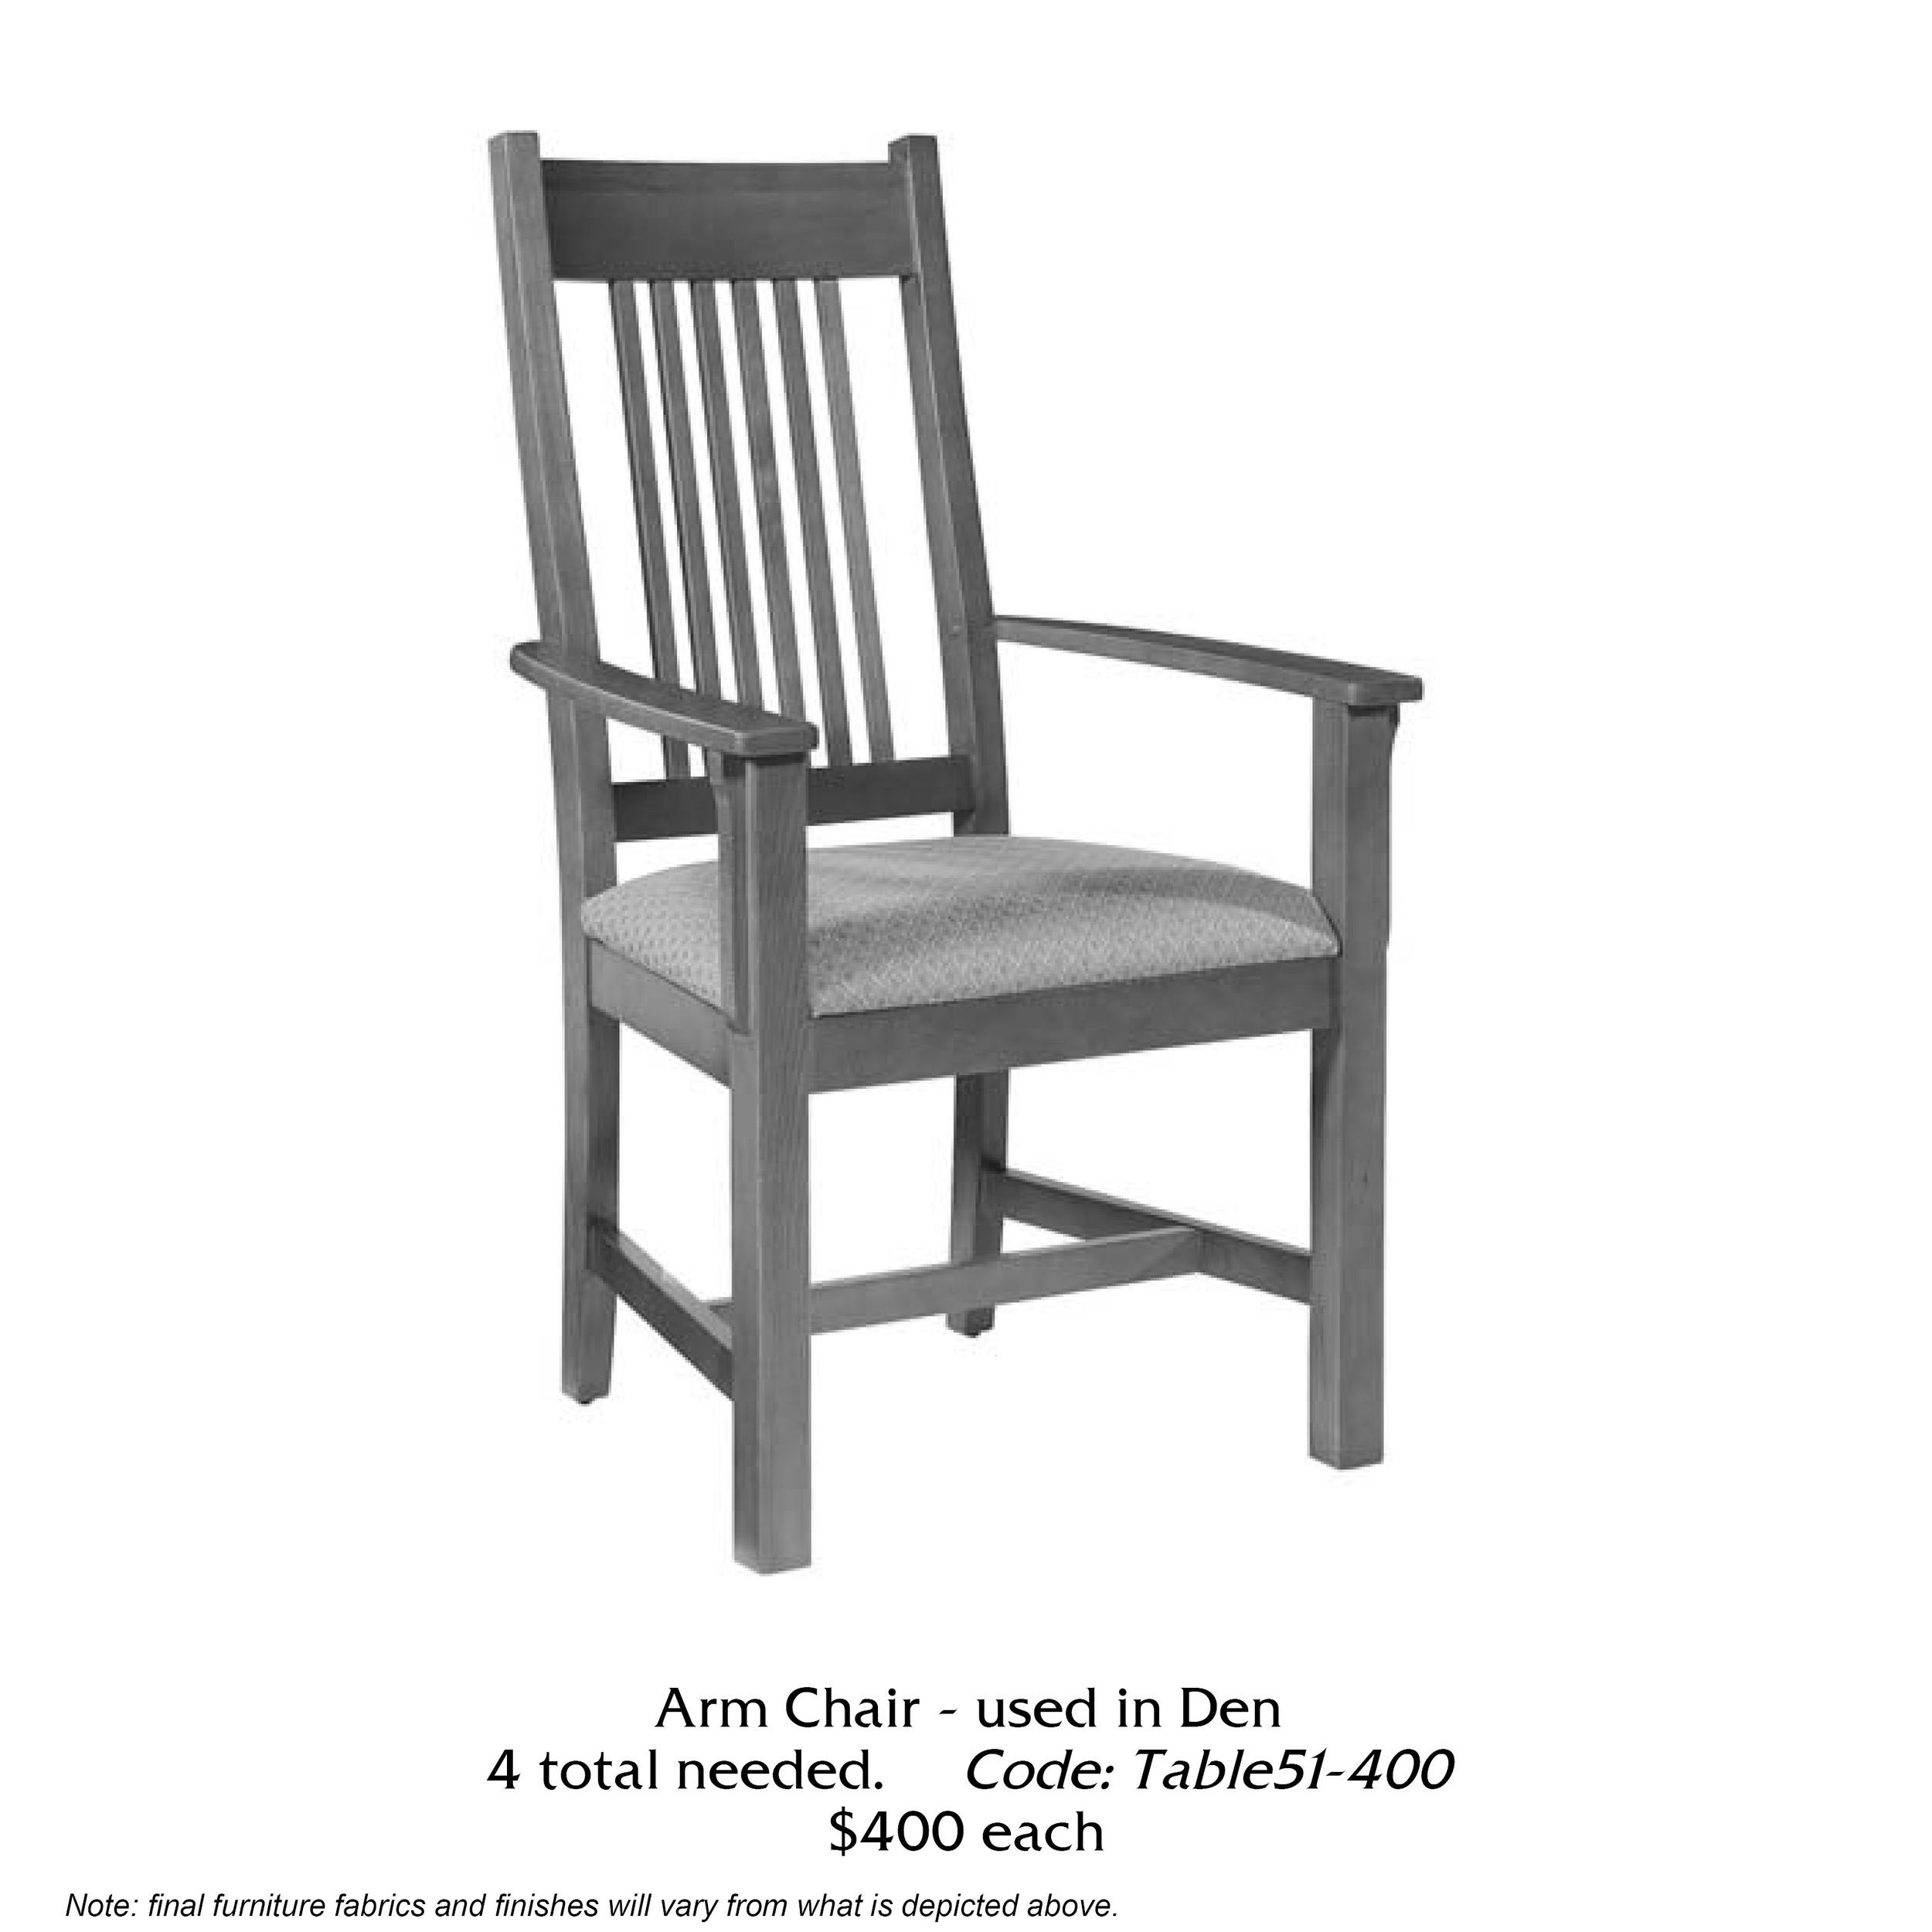 A157-F51-Arm Chair - 4.jpg